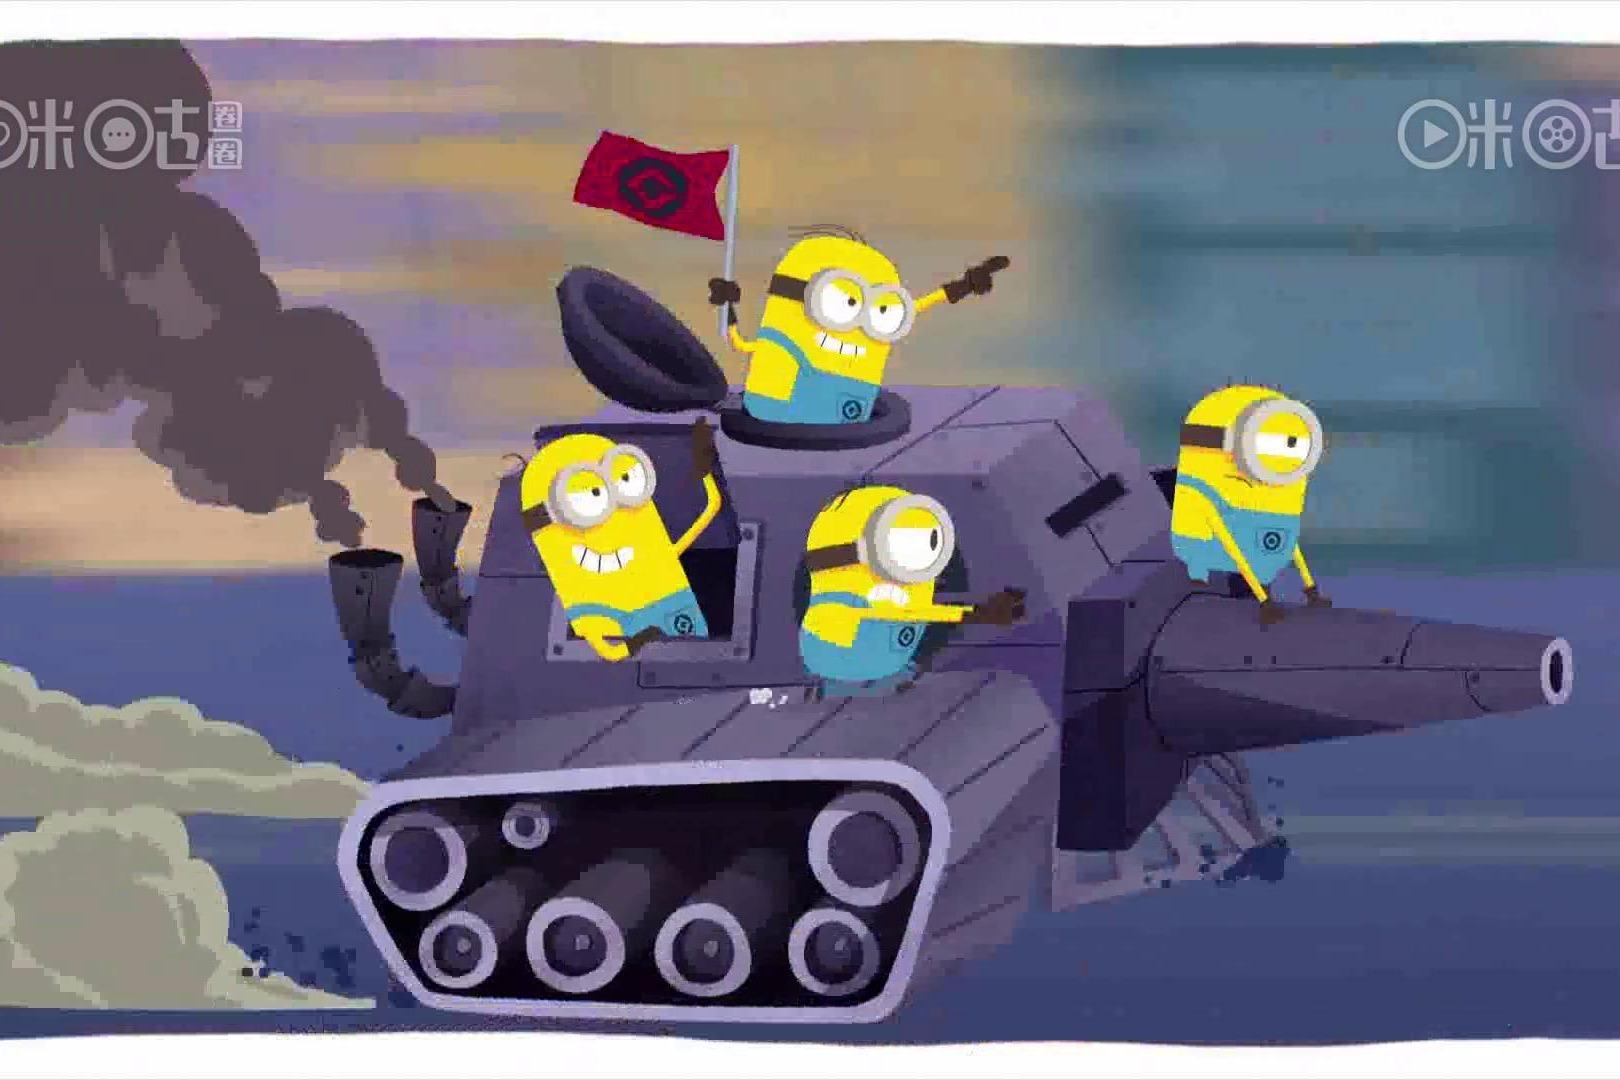 视频:小黄人与萌友开着坦克气势汹汹,只为了一桶泡泡糖,吃货无疑!